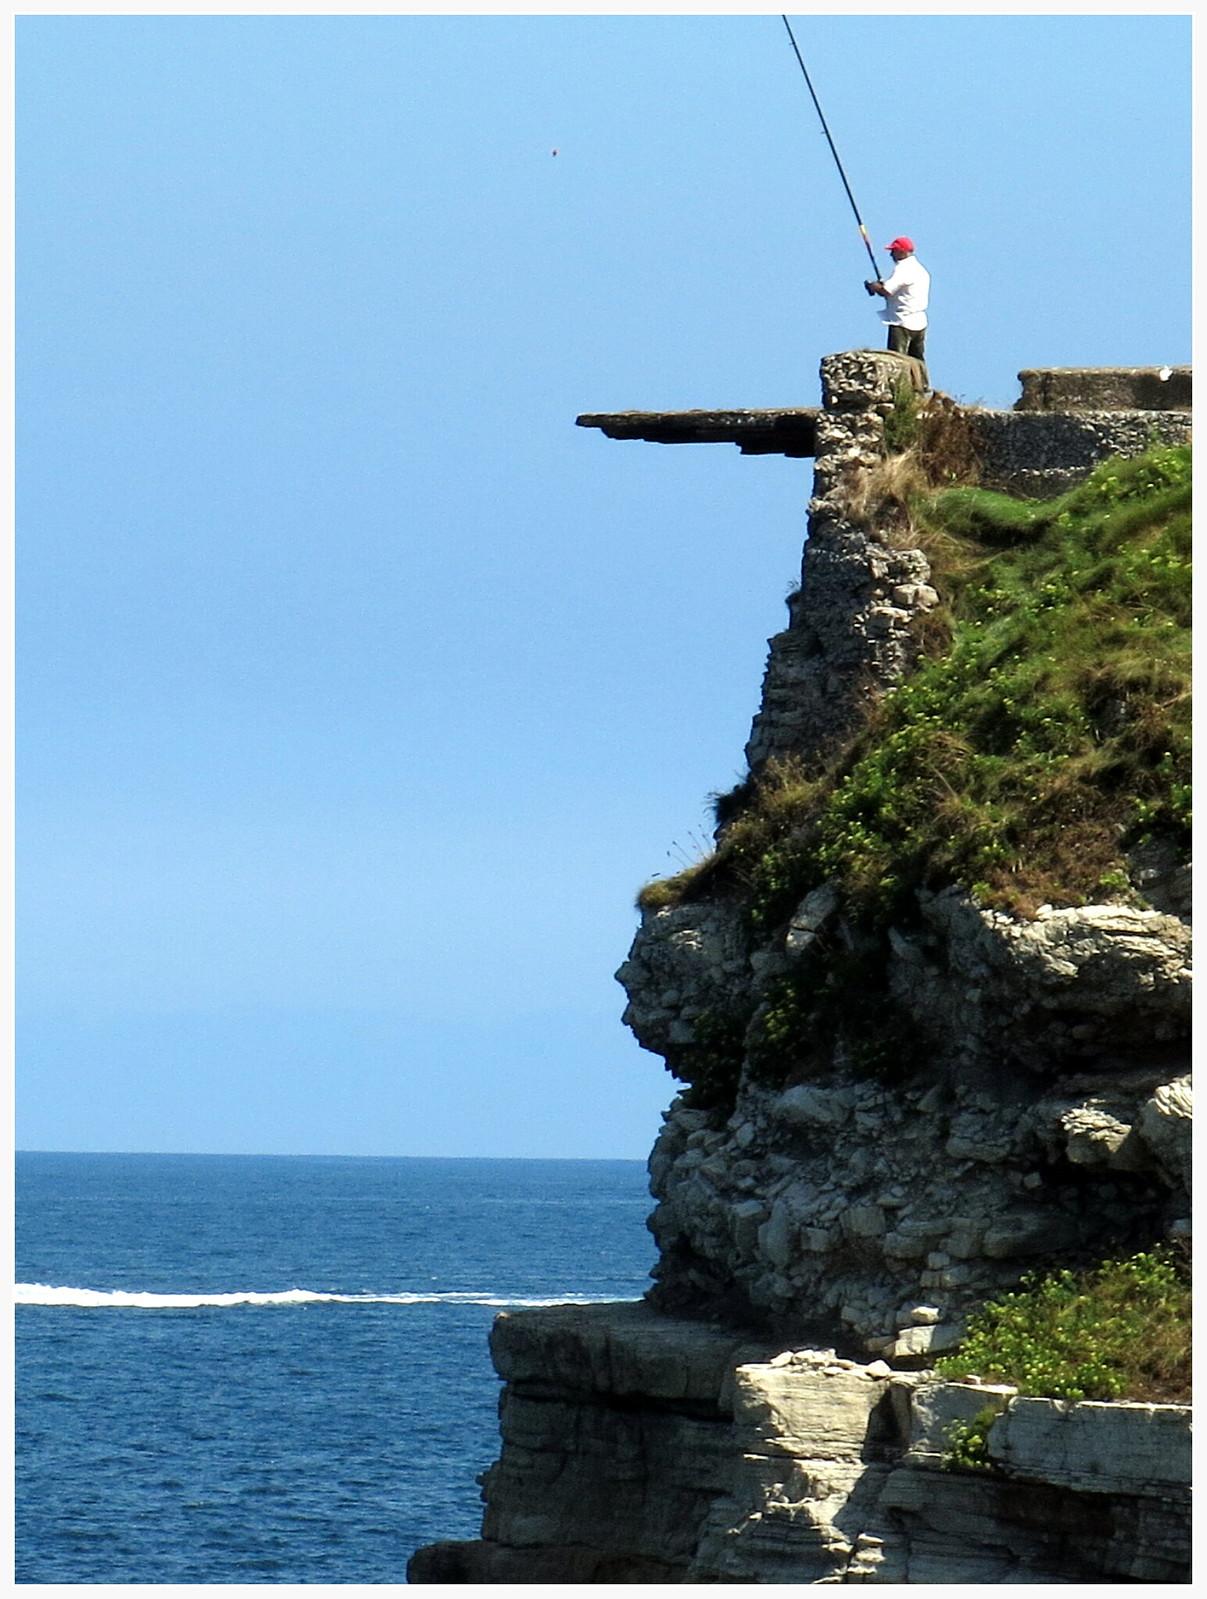 Será... pesca de alturas